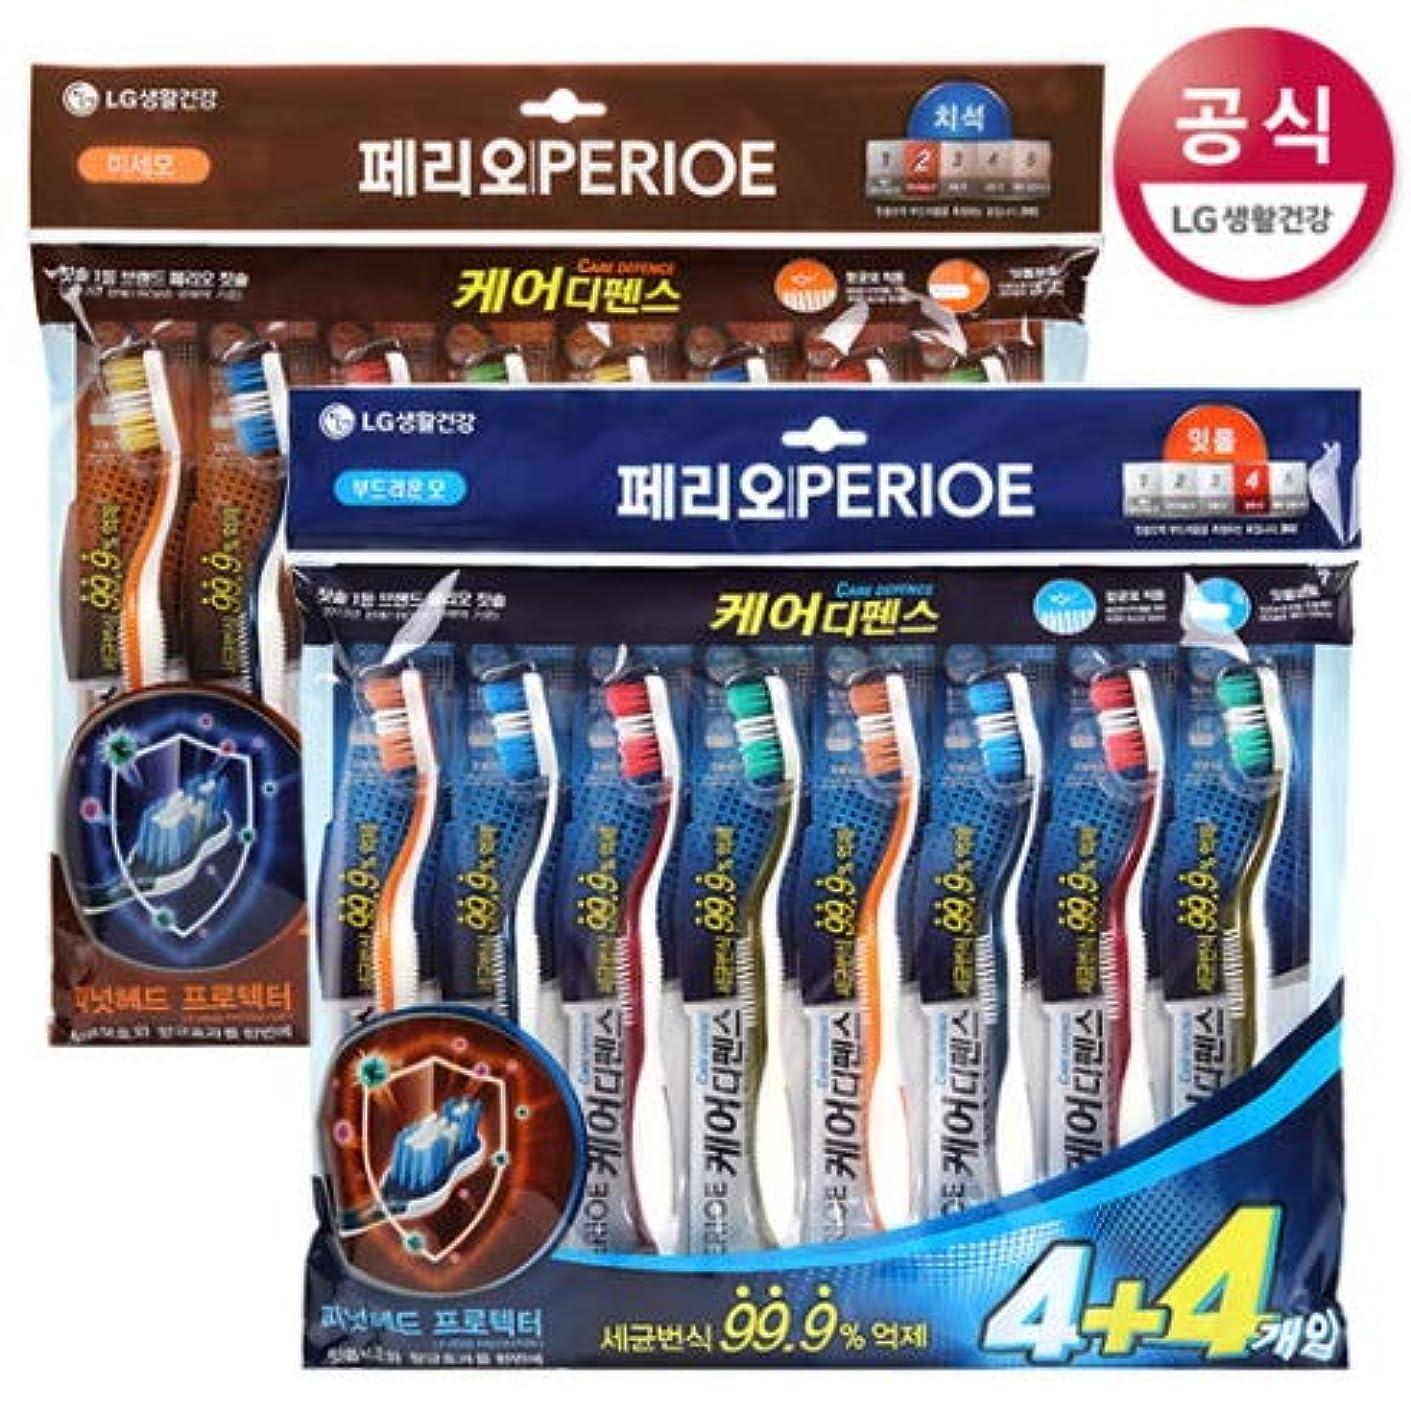 全員実際スケジュール[LG HnB] Perio CareDance Toothbrush/ペリオケアディフェンス歯ブラシ 8口x2個(海外直送品)